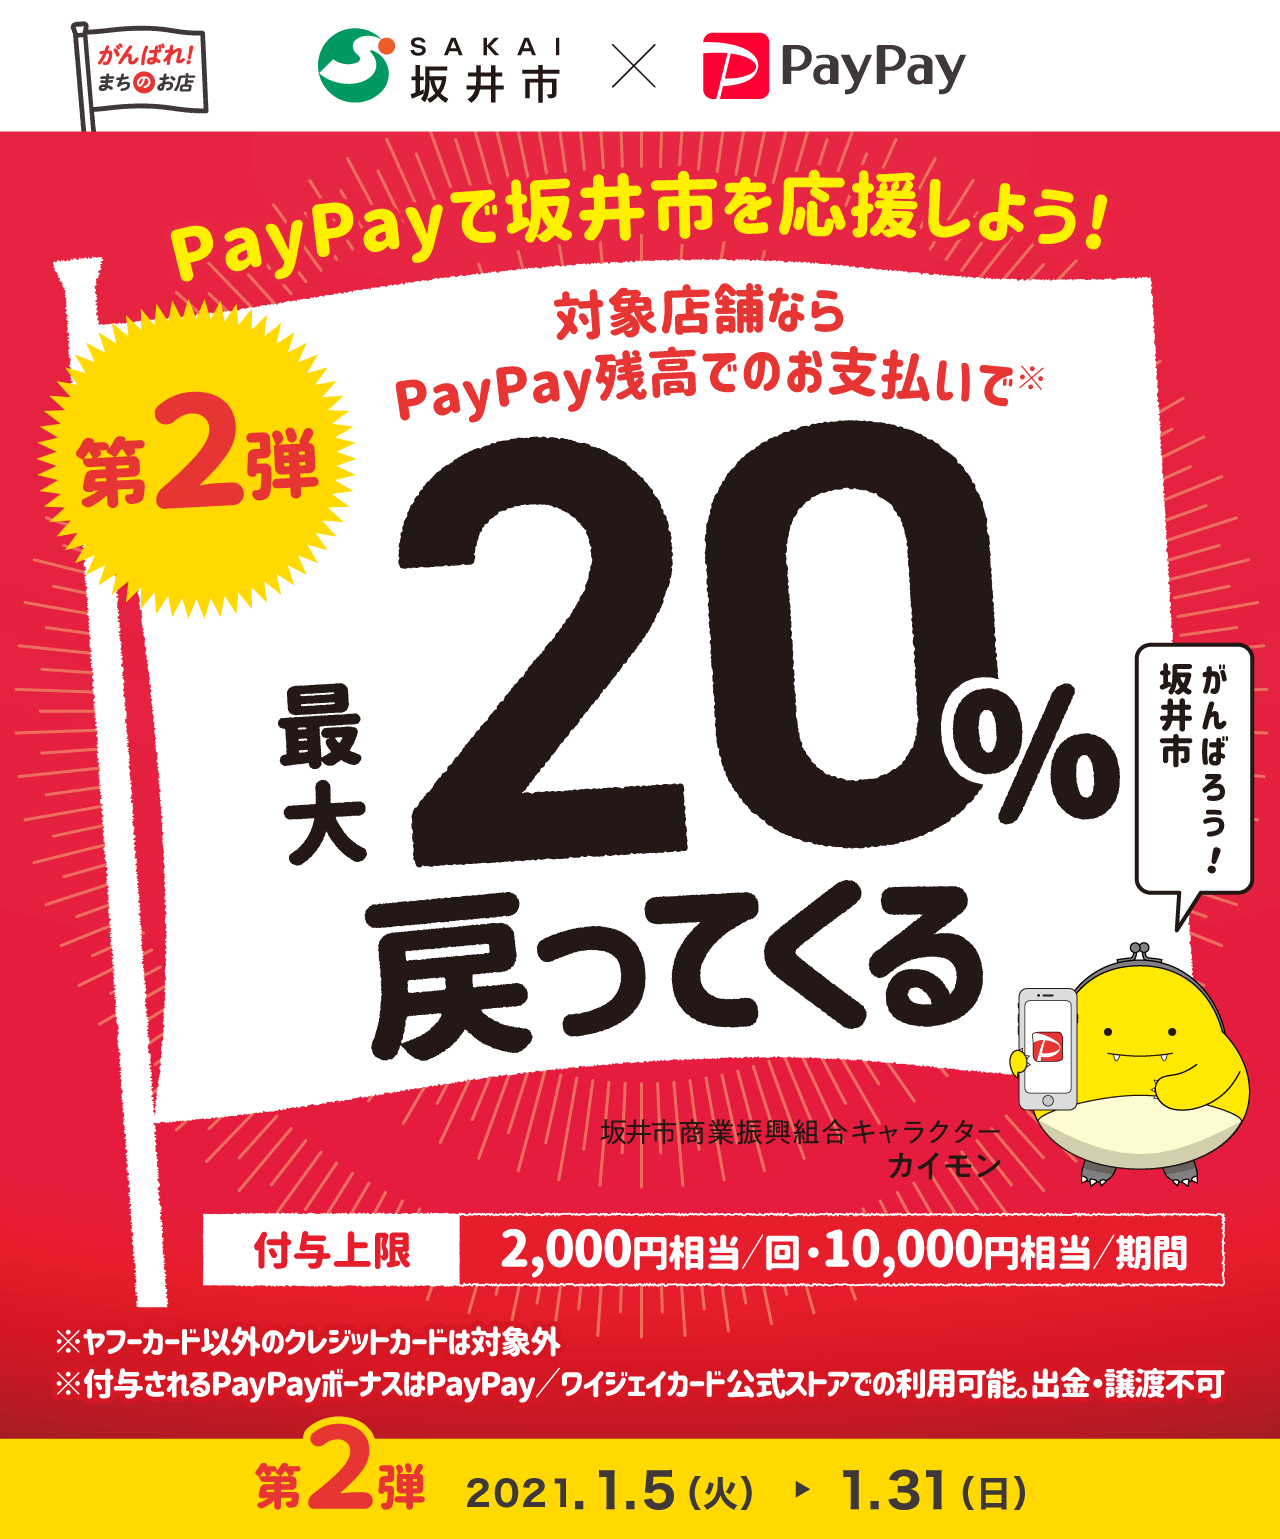 PayPayで坂井市を応援しよう! 第2弾 対象店舗ならPayPay残高でのお支払いで 最大20%戻ってくる